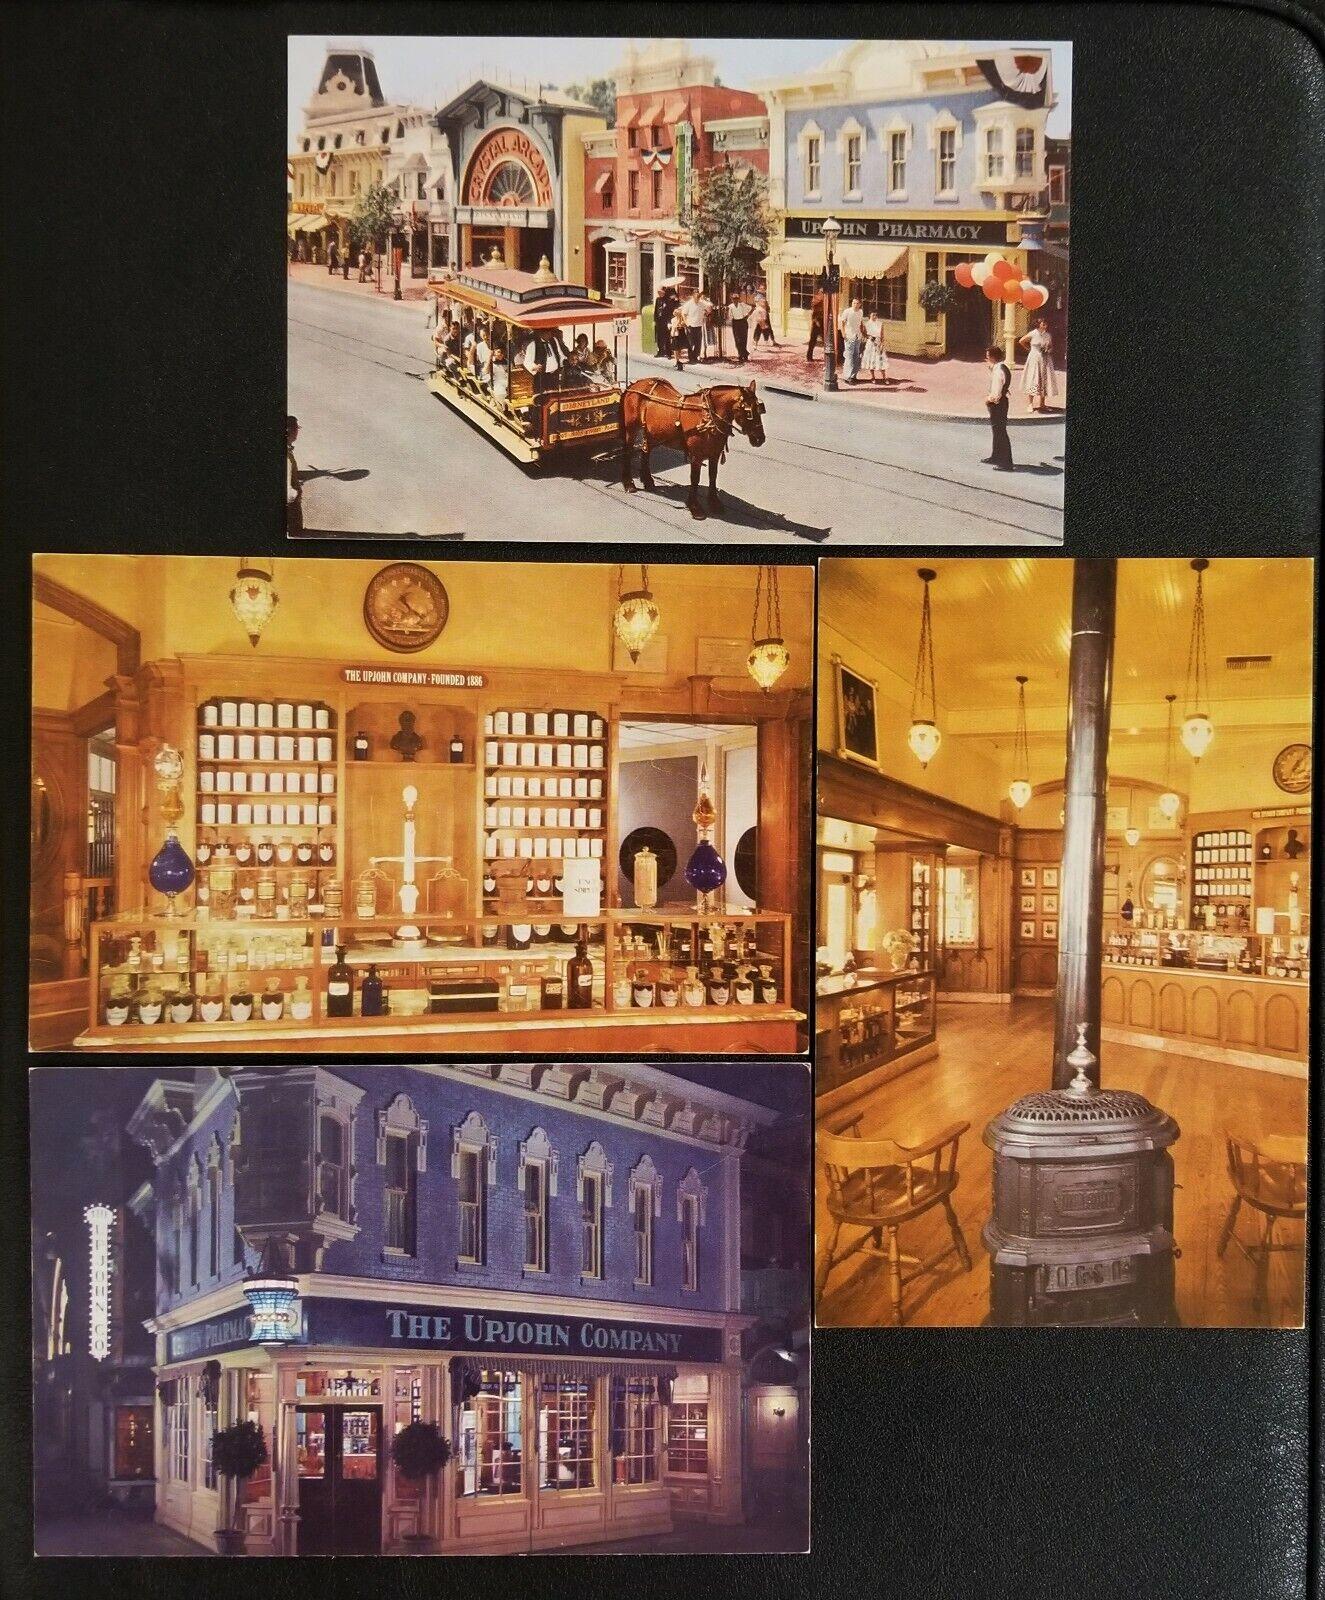 Disneyland Postcards 4 Consecutive Numbers Upjohn Not Mailed Disneyana - $2.00